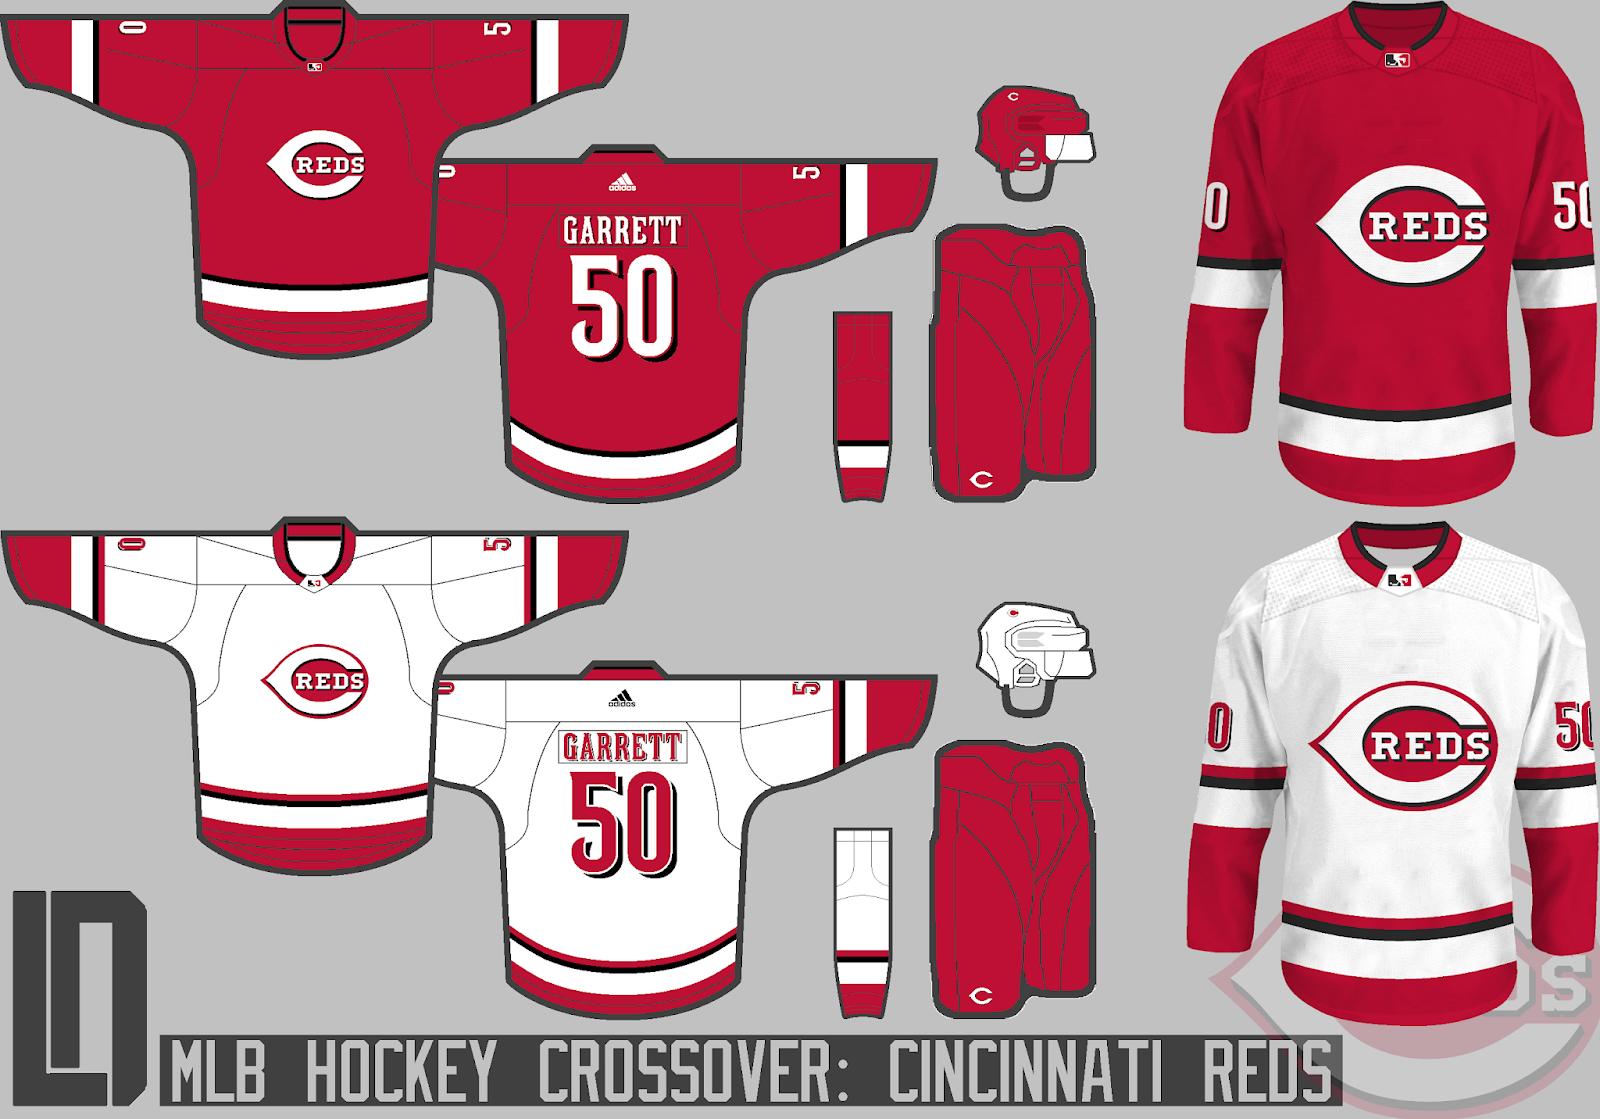 Cincinnati+Reds+Concept.png